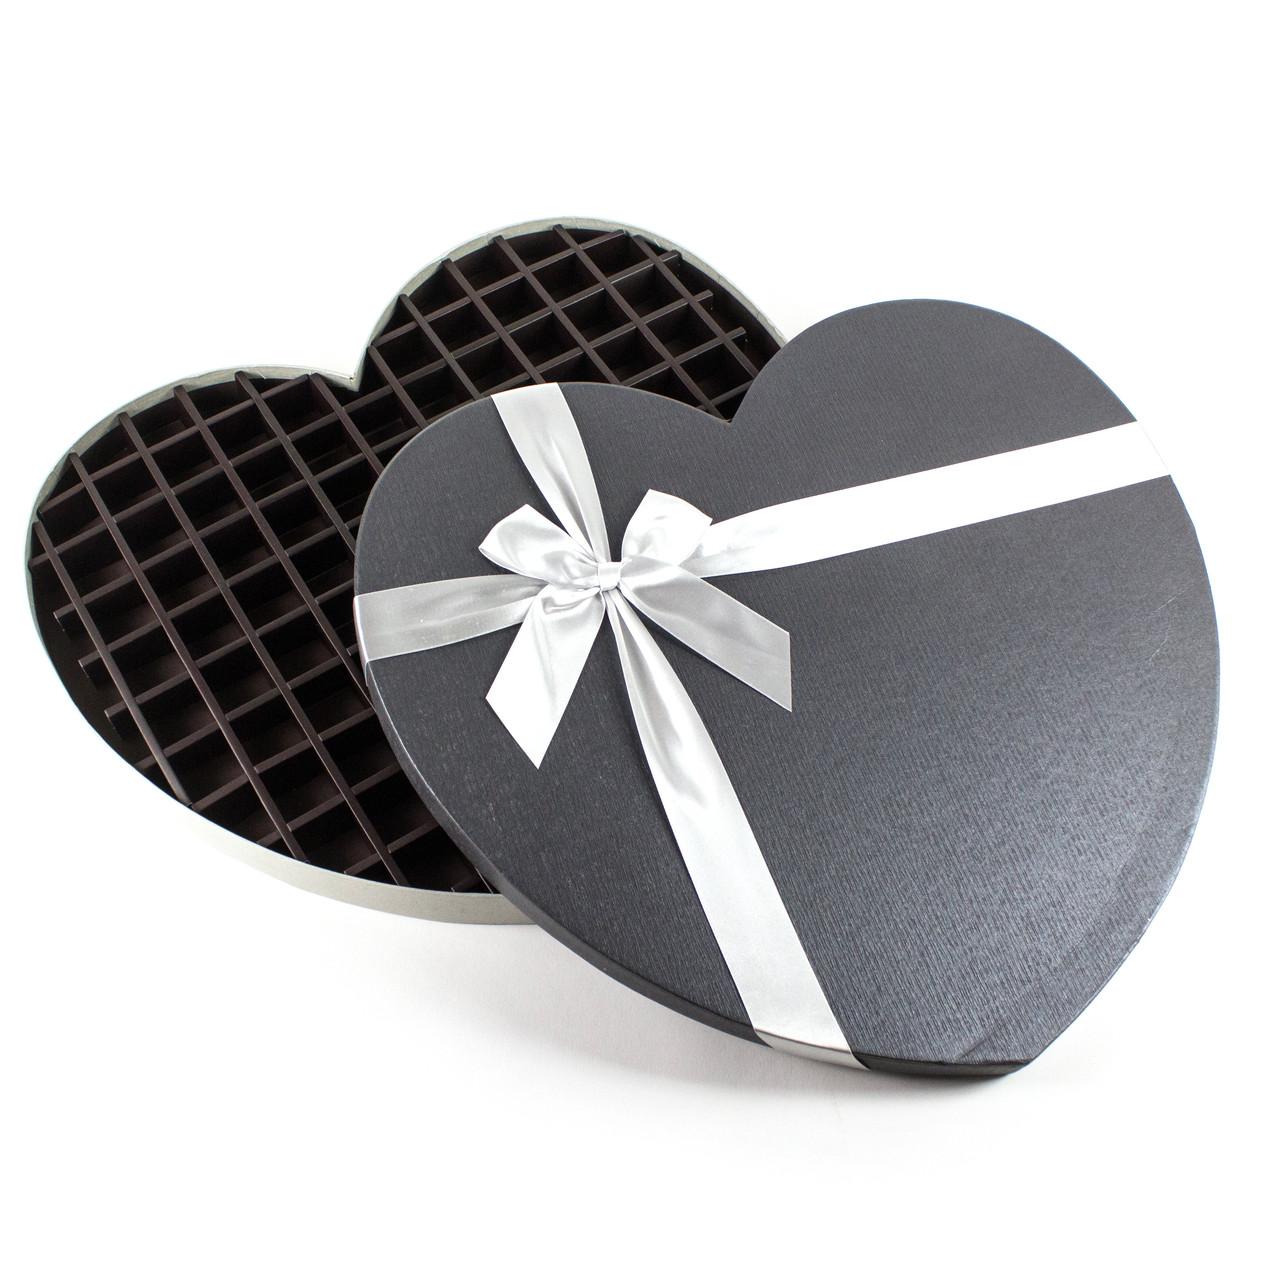 Подарочная коробка в форме сердца большая серая 47 x 43 x 4 см